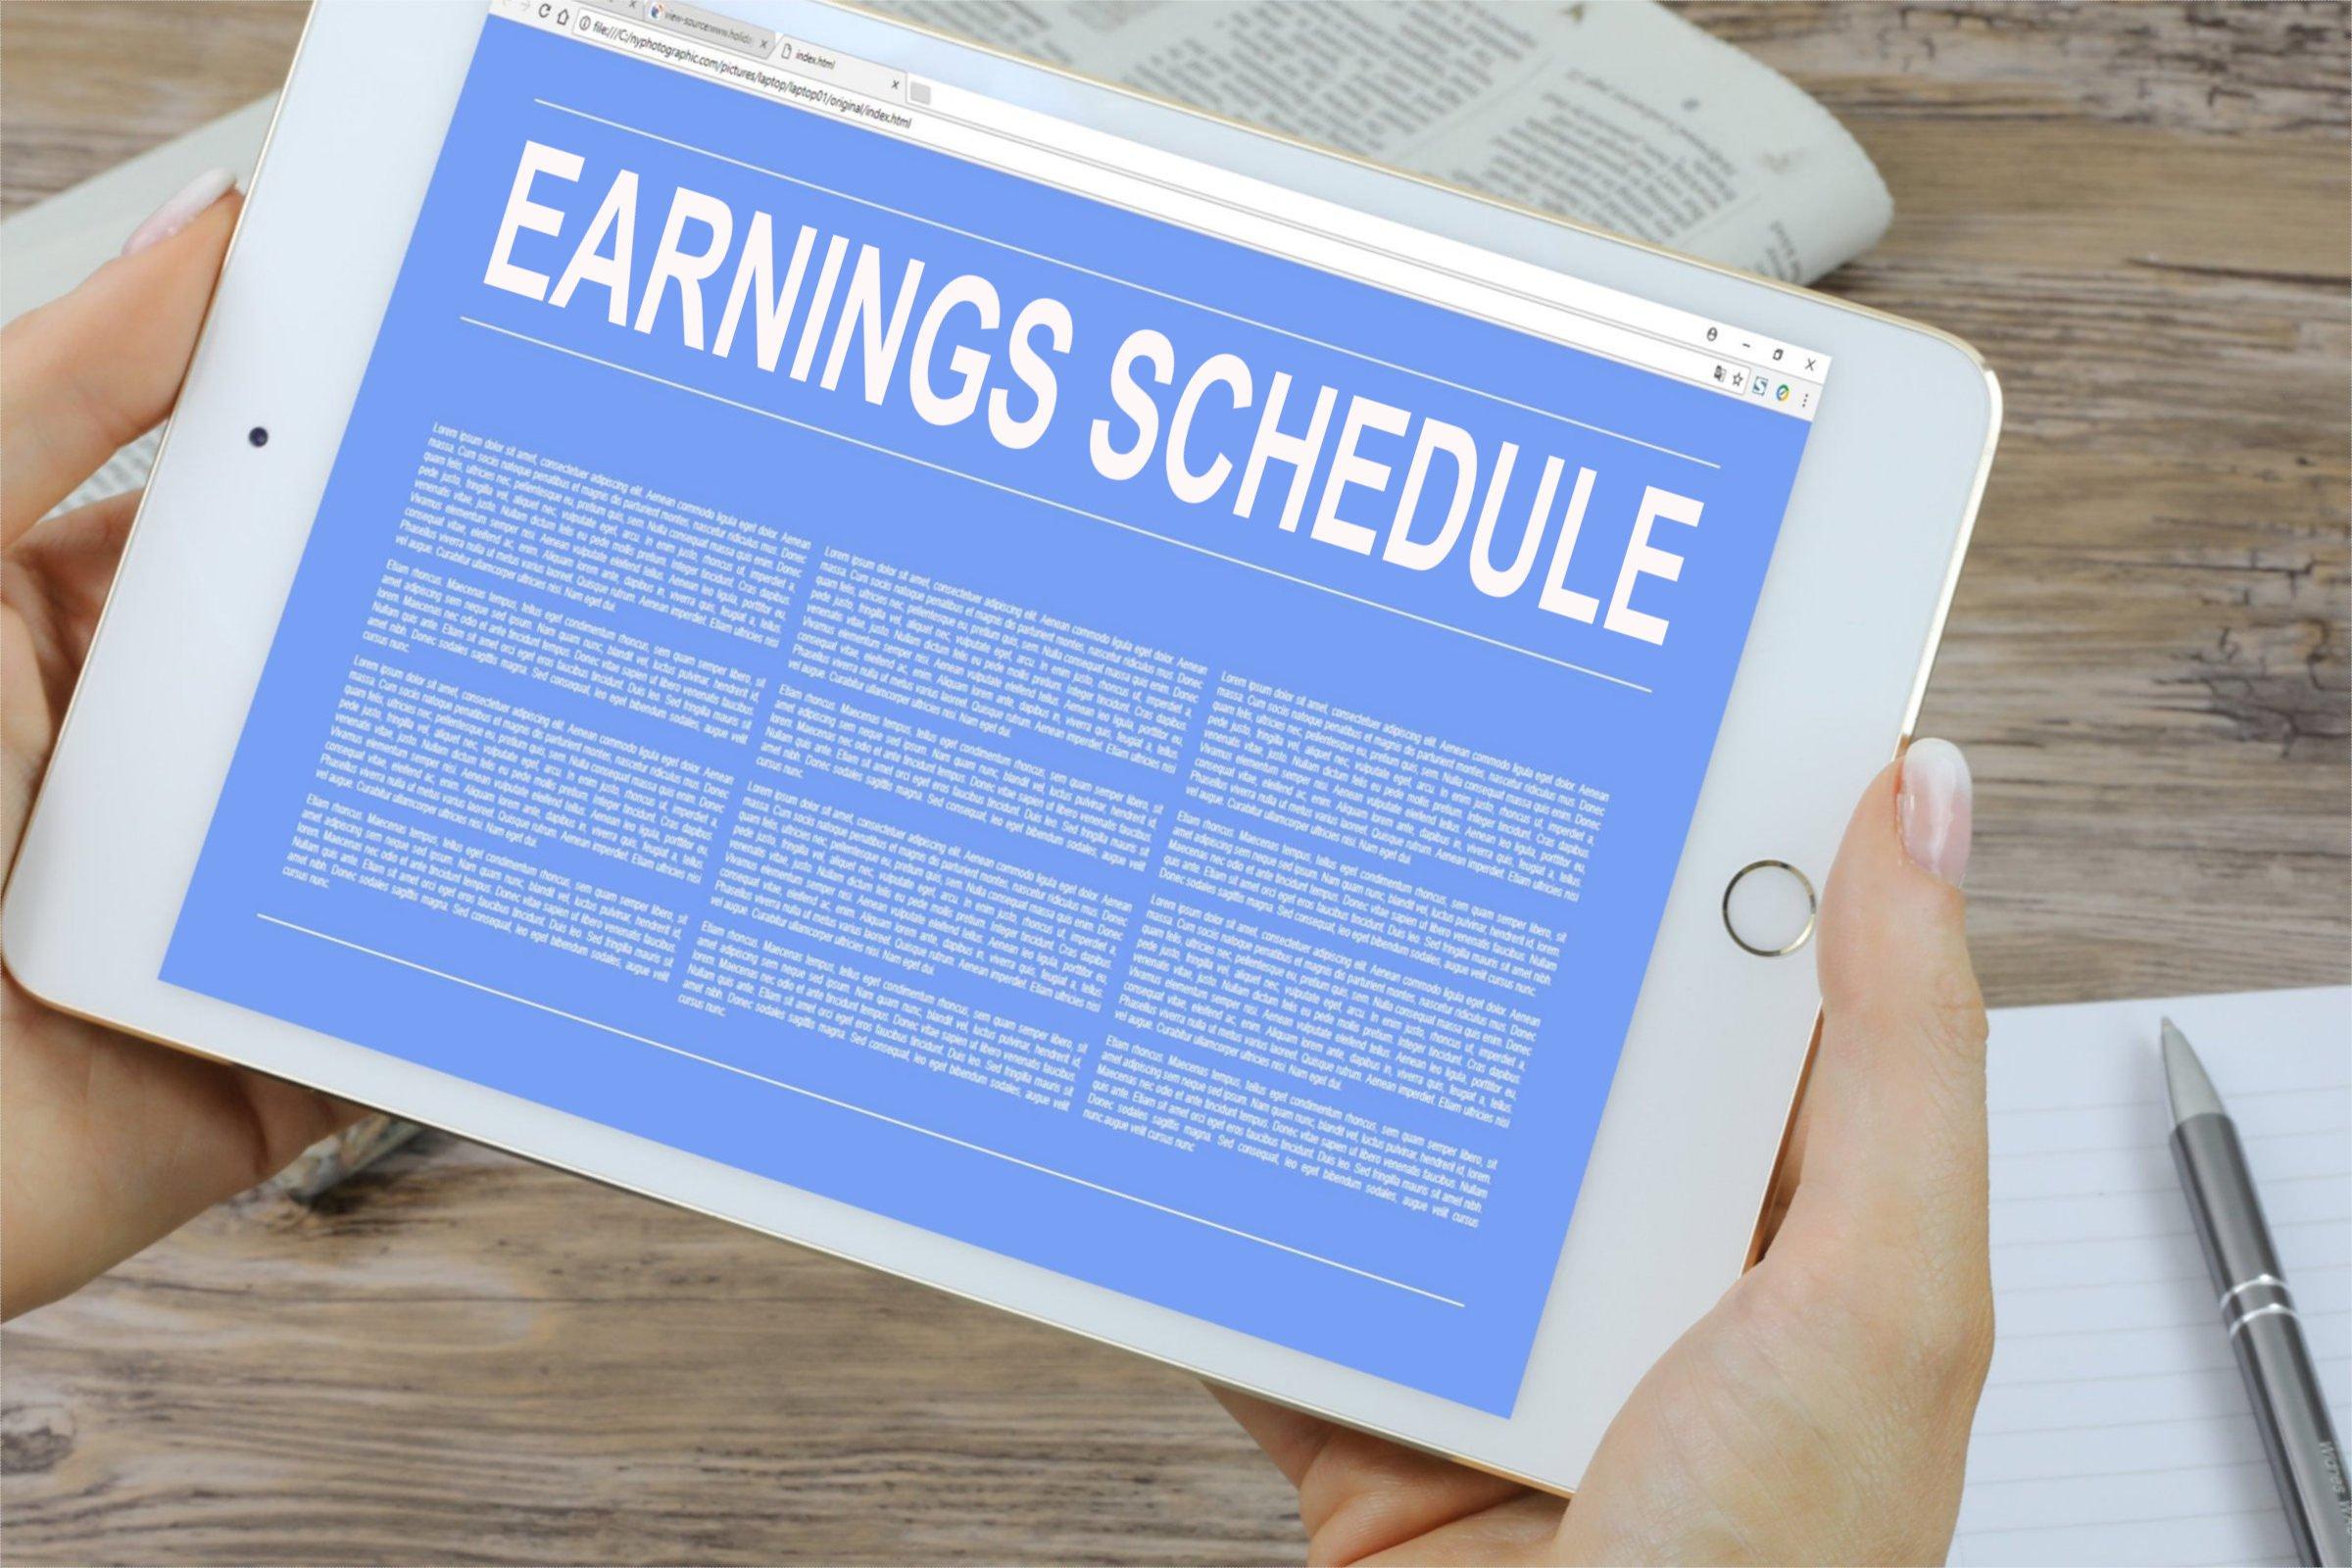 Earnings Schedule